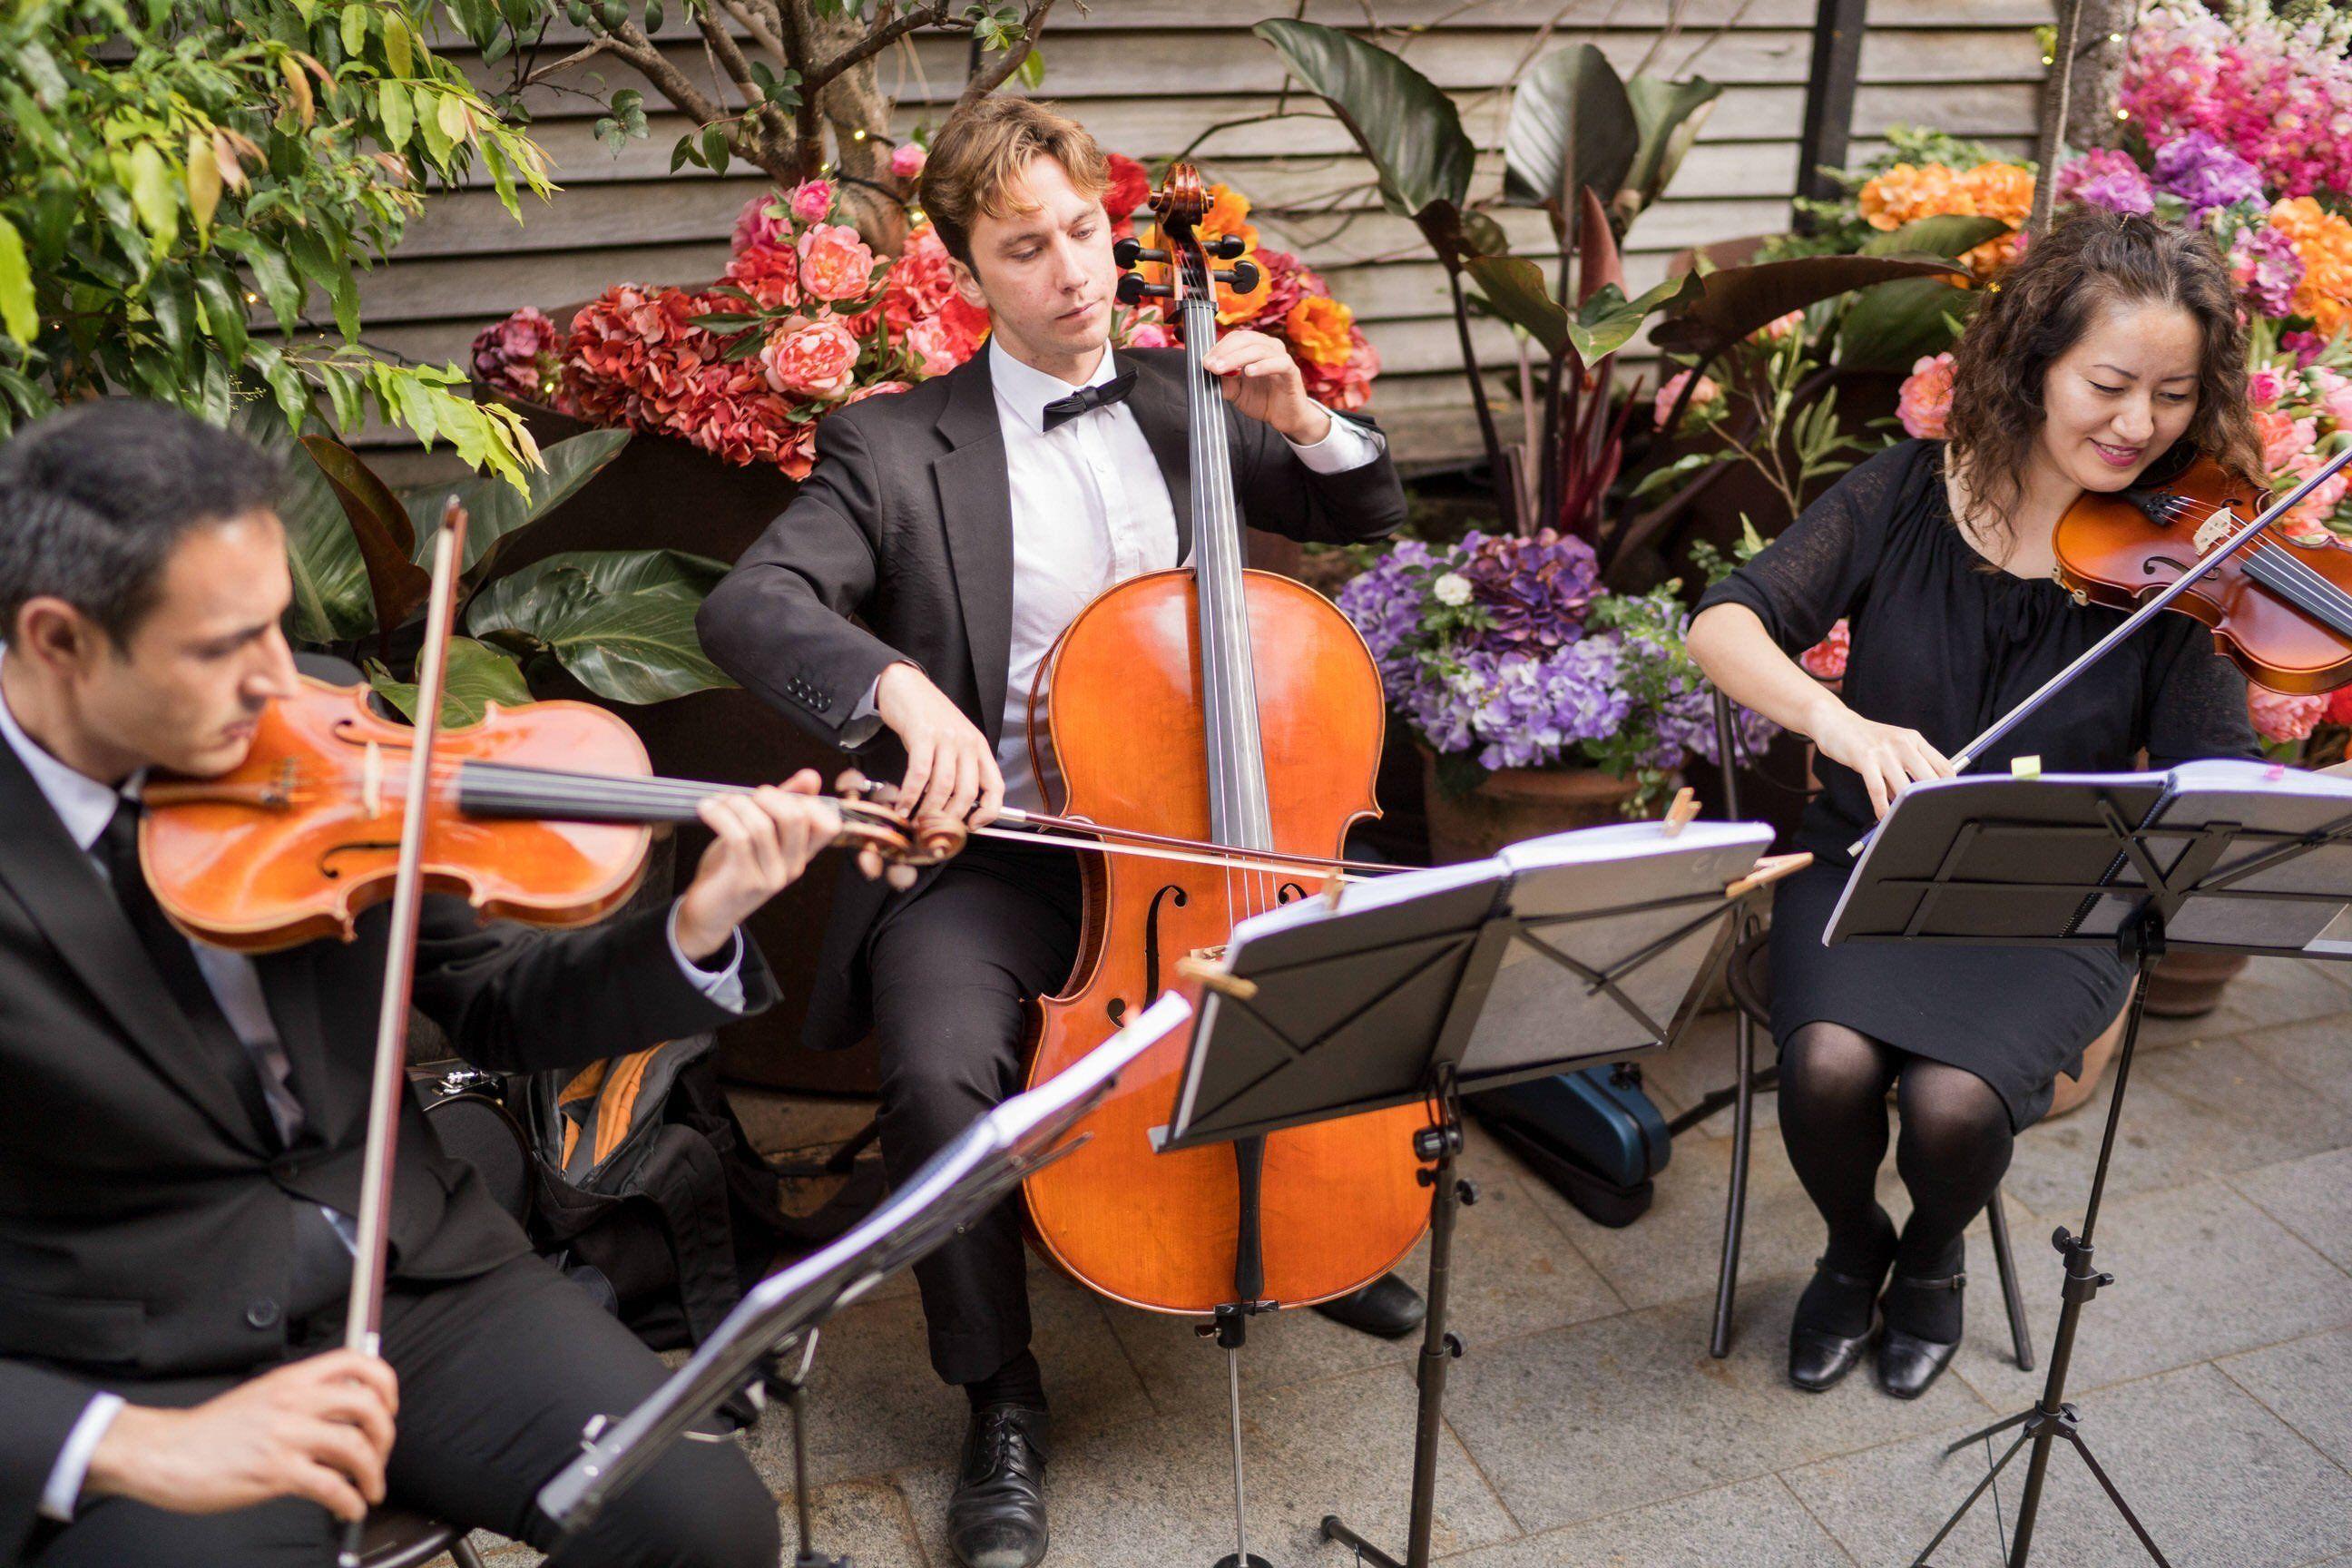 wedding songs, wedding music, wedding orchestra, wedding cellist, wedding music, wedding entertainment